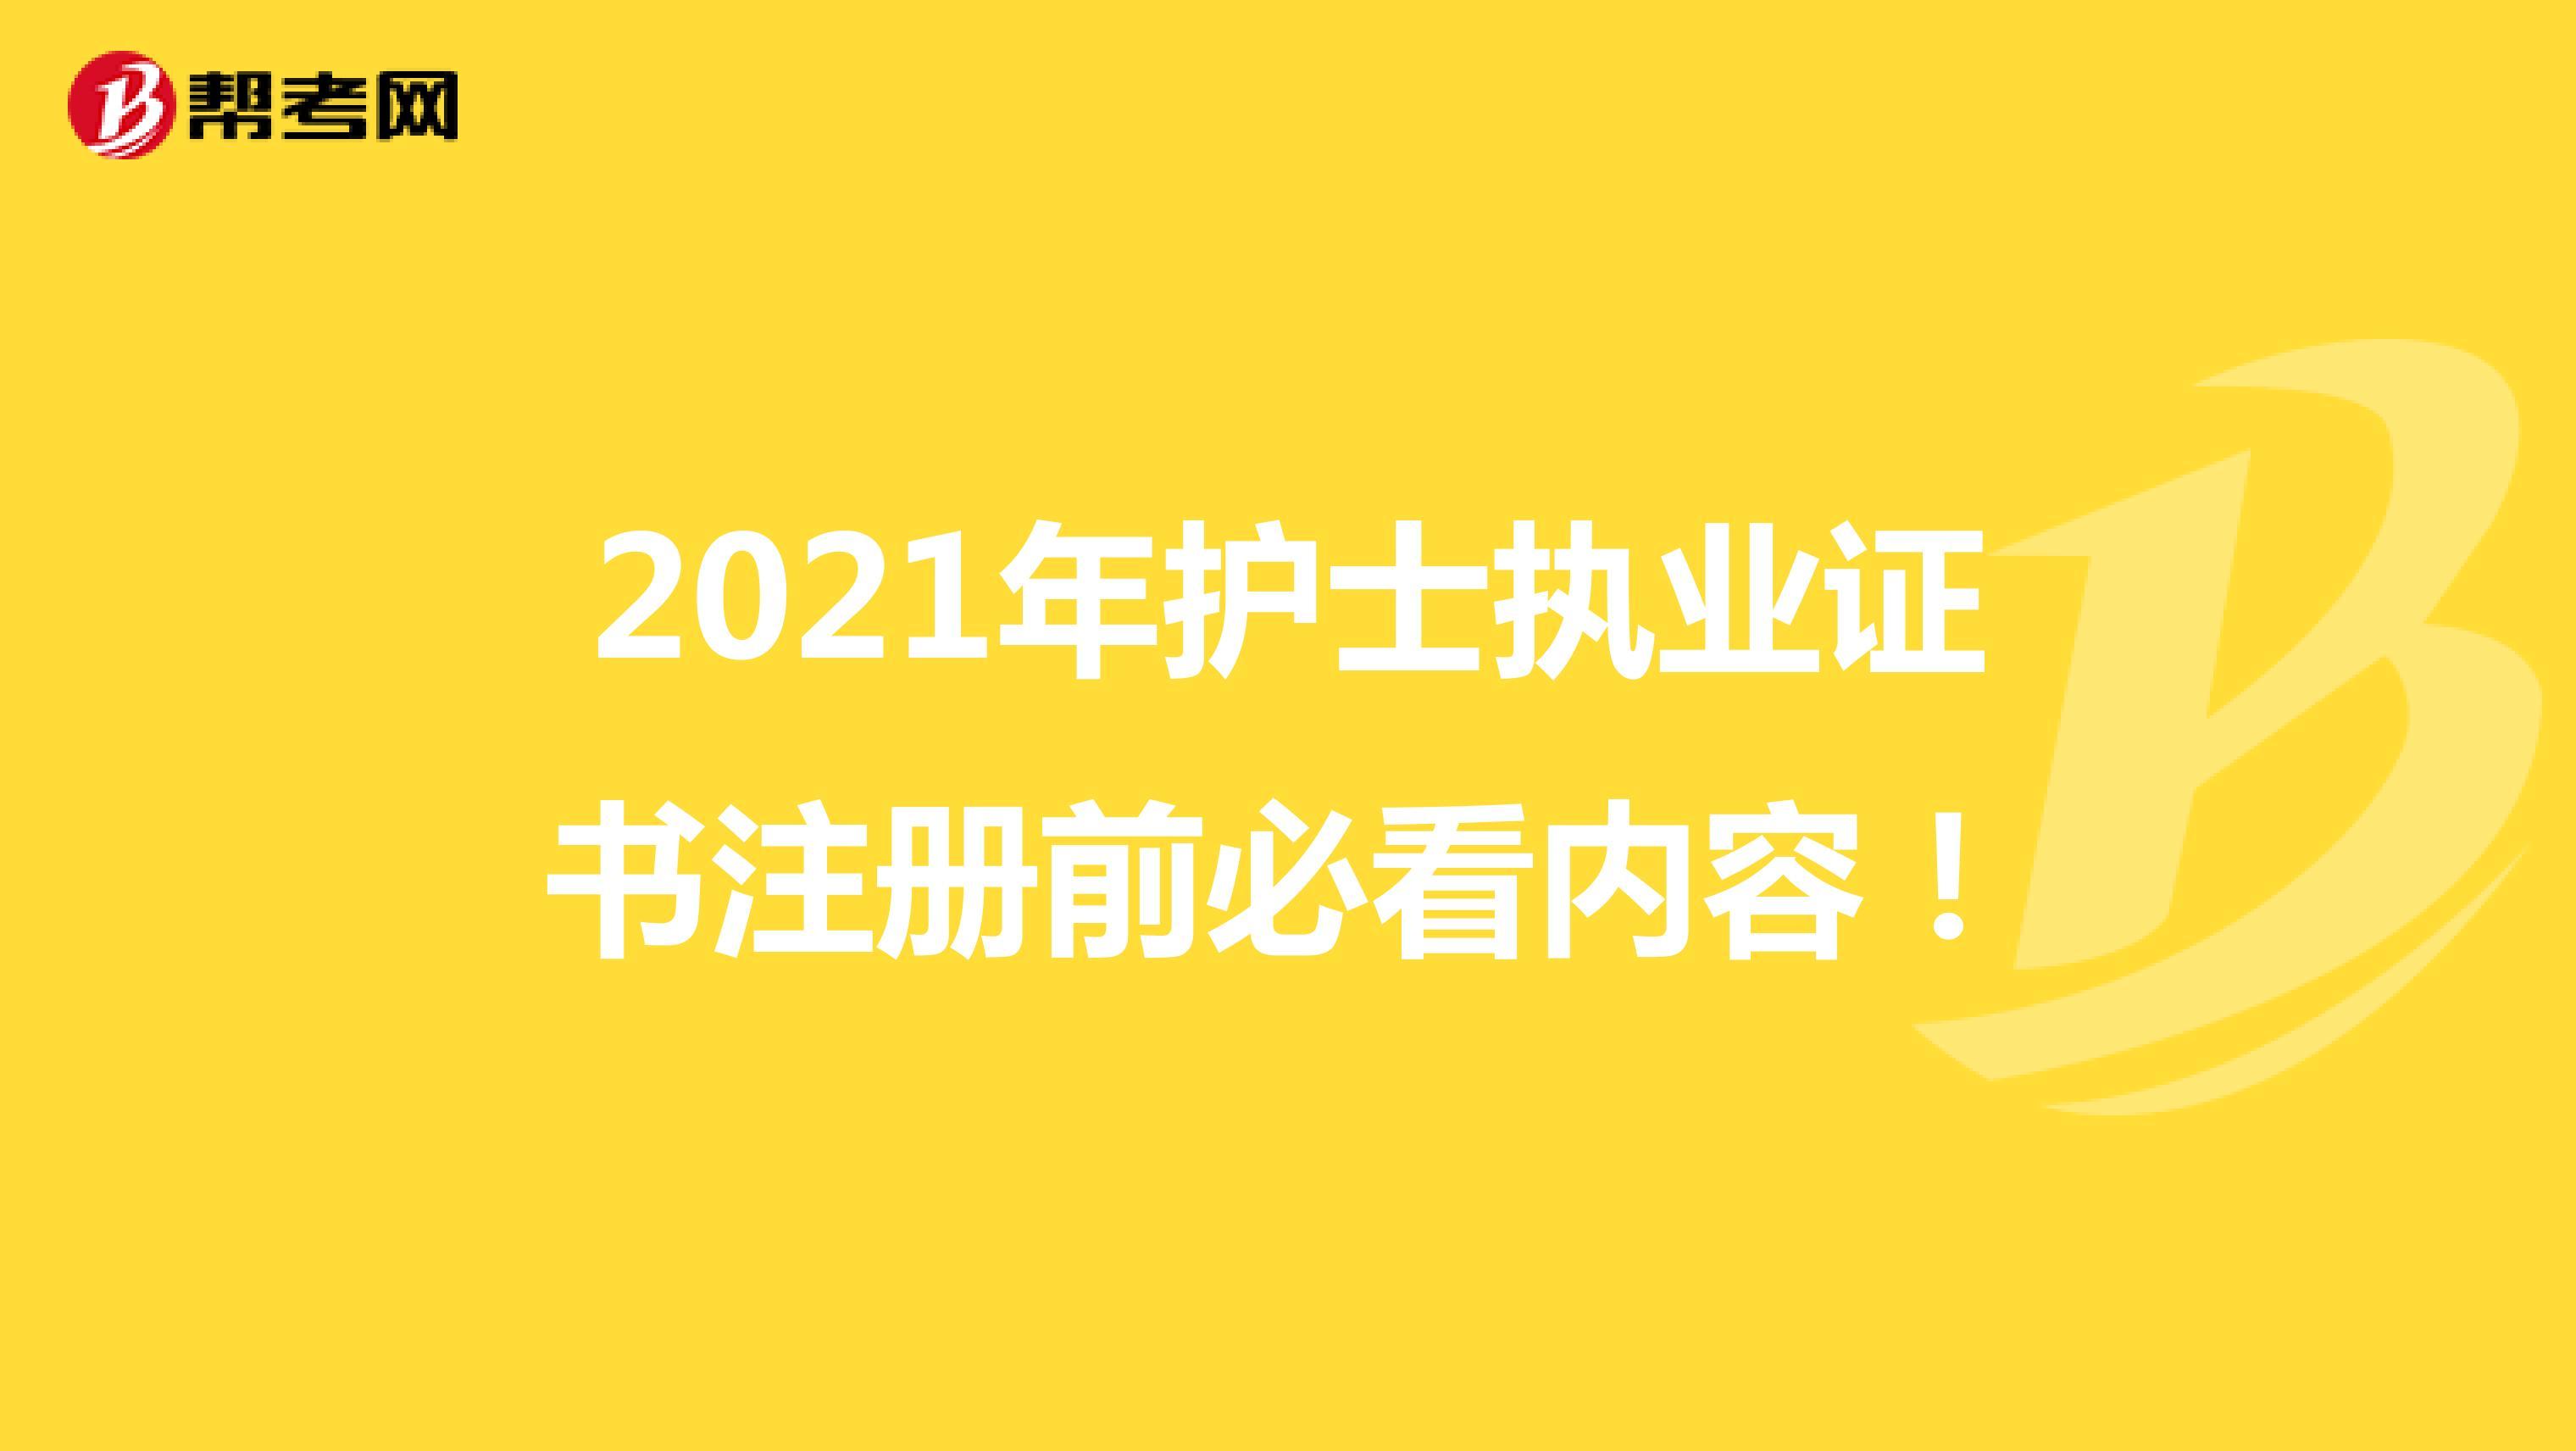 2021年护士执业证书注册前必看内容!